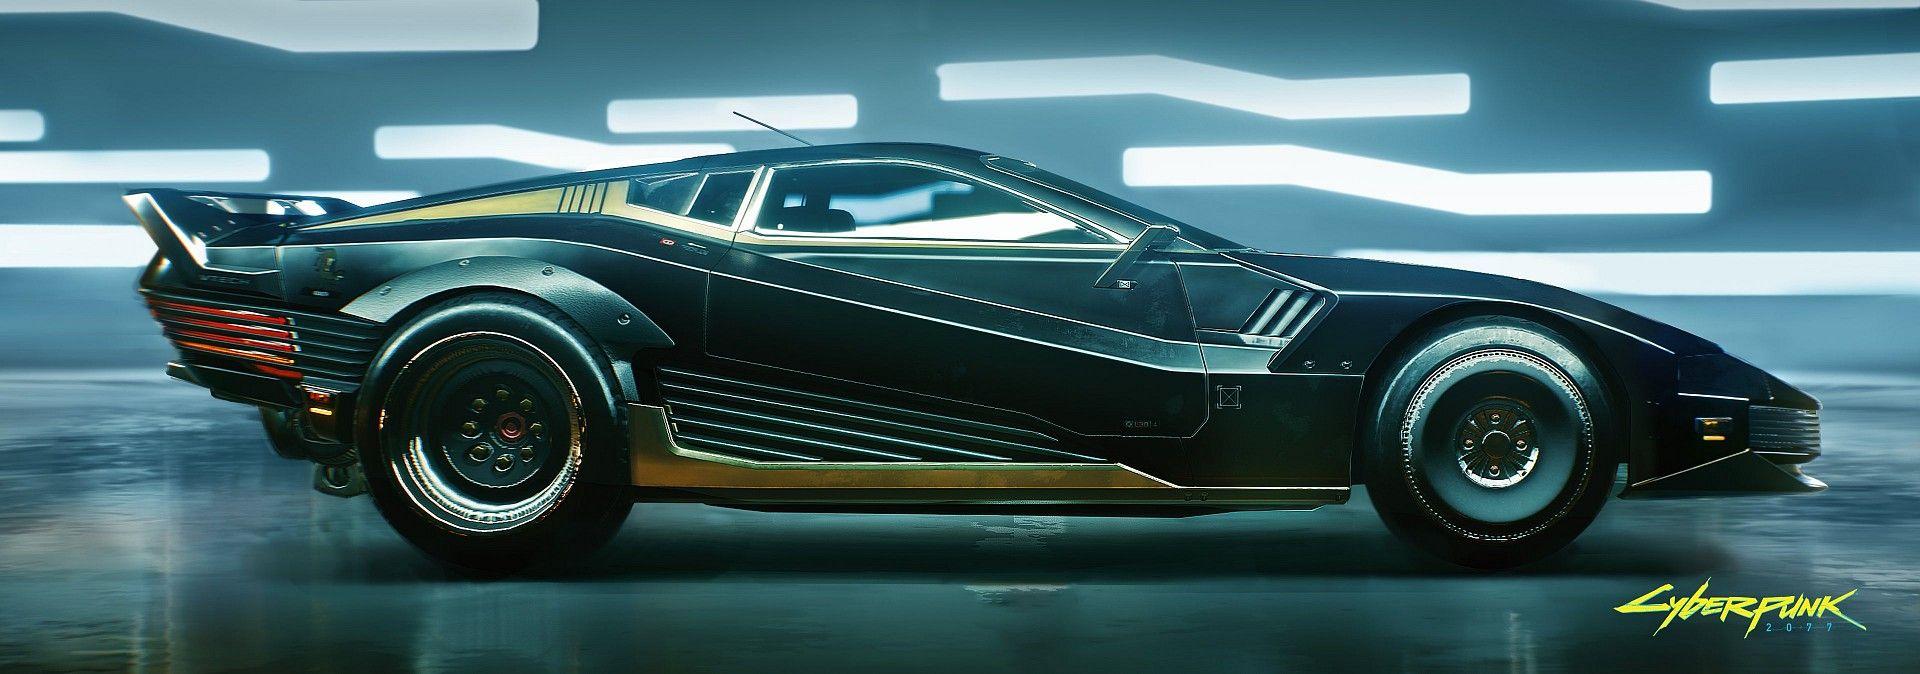 Ένα ακόμα αυτοκίνητο που αγαπήσαμε στο Cyberpunk 2077, το Quadra Turbo-R V-Tech